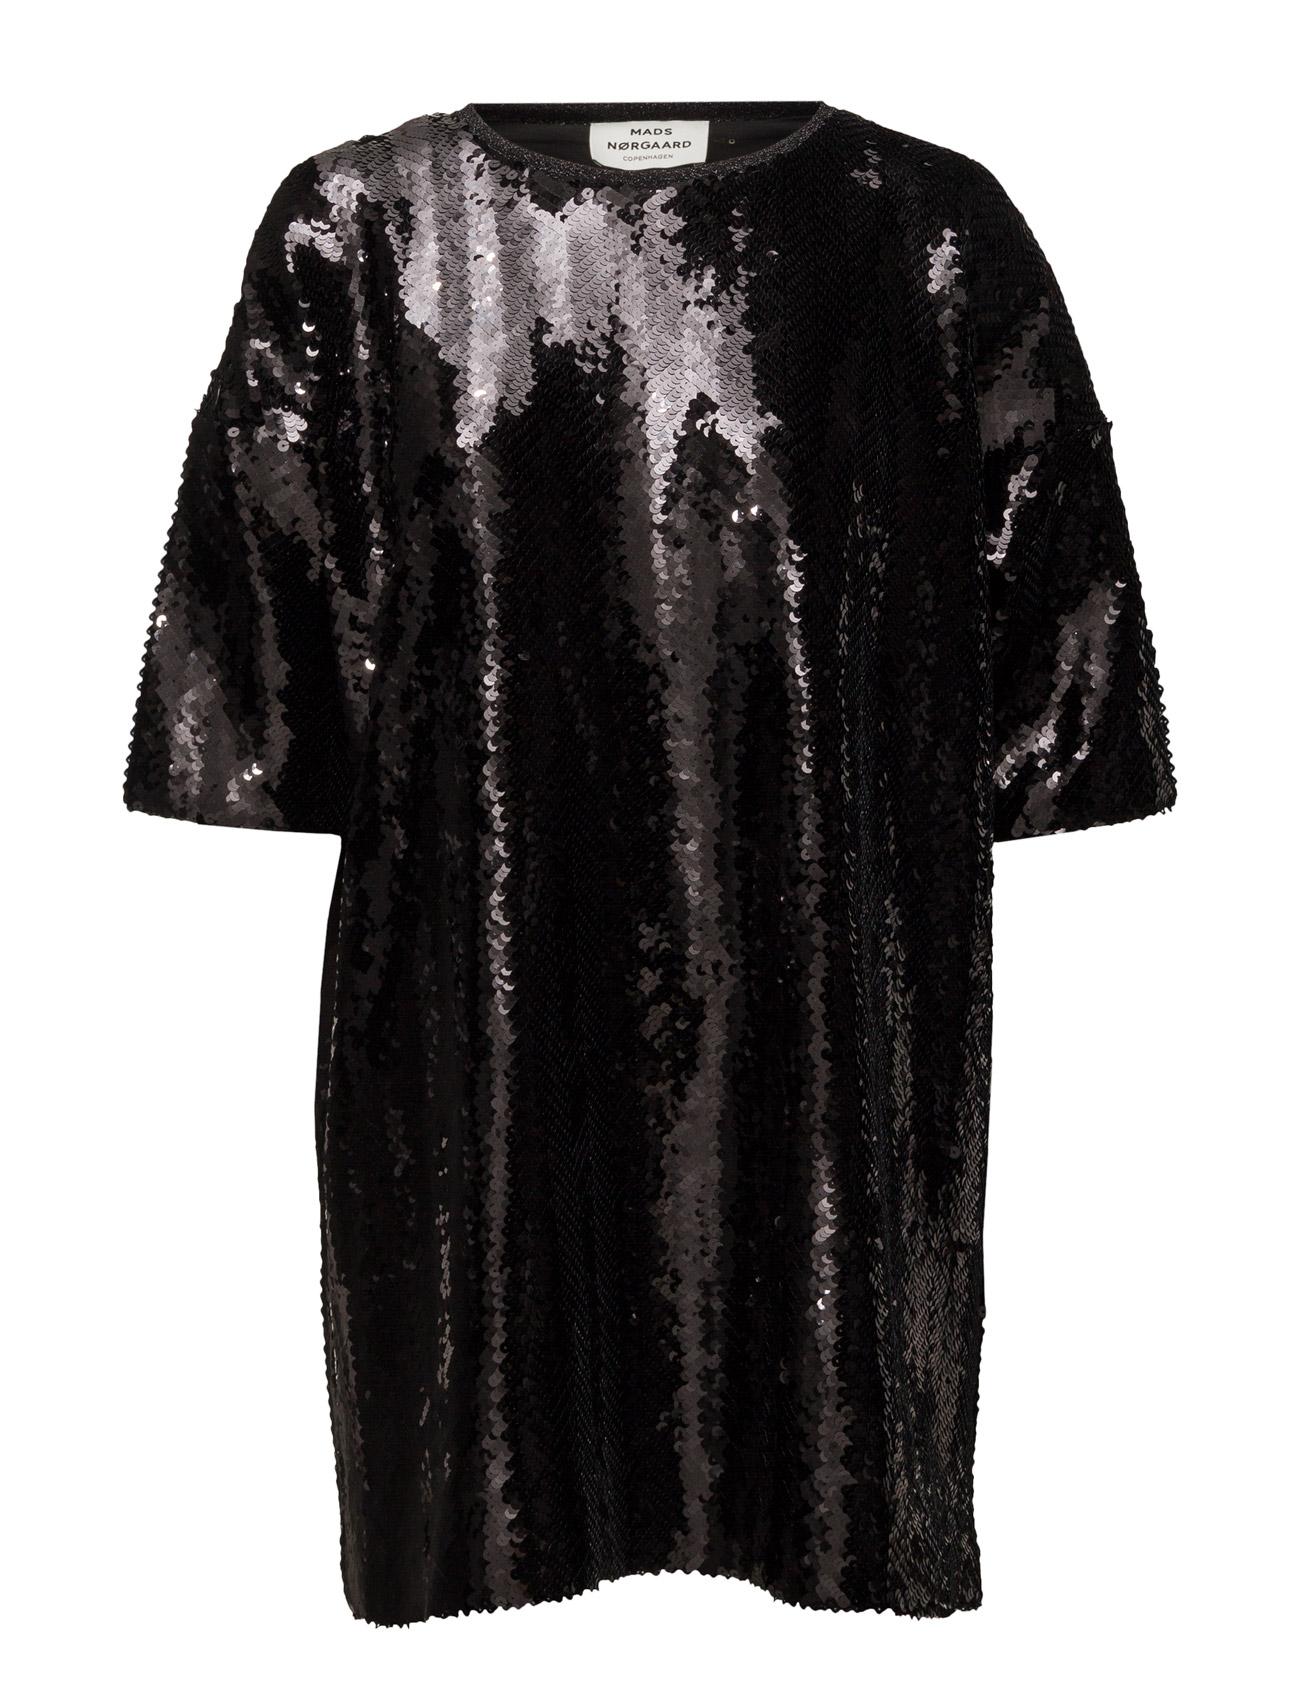 Sequency Doxa Mads Nørgaard Korte kjoler til Kvinder i Guld